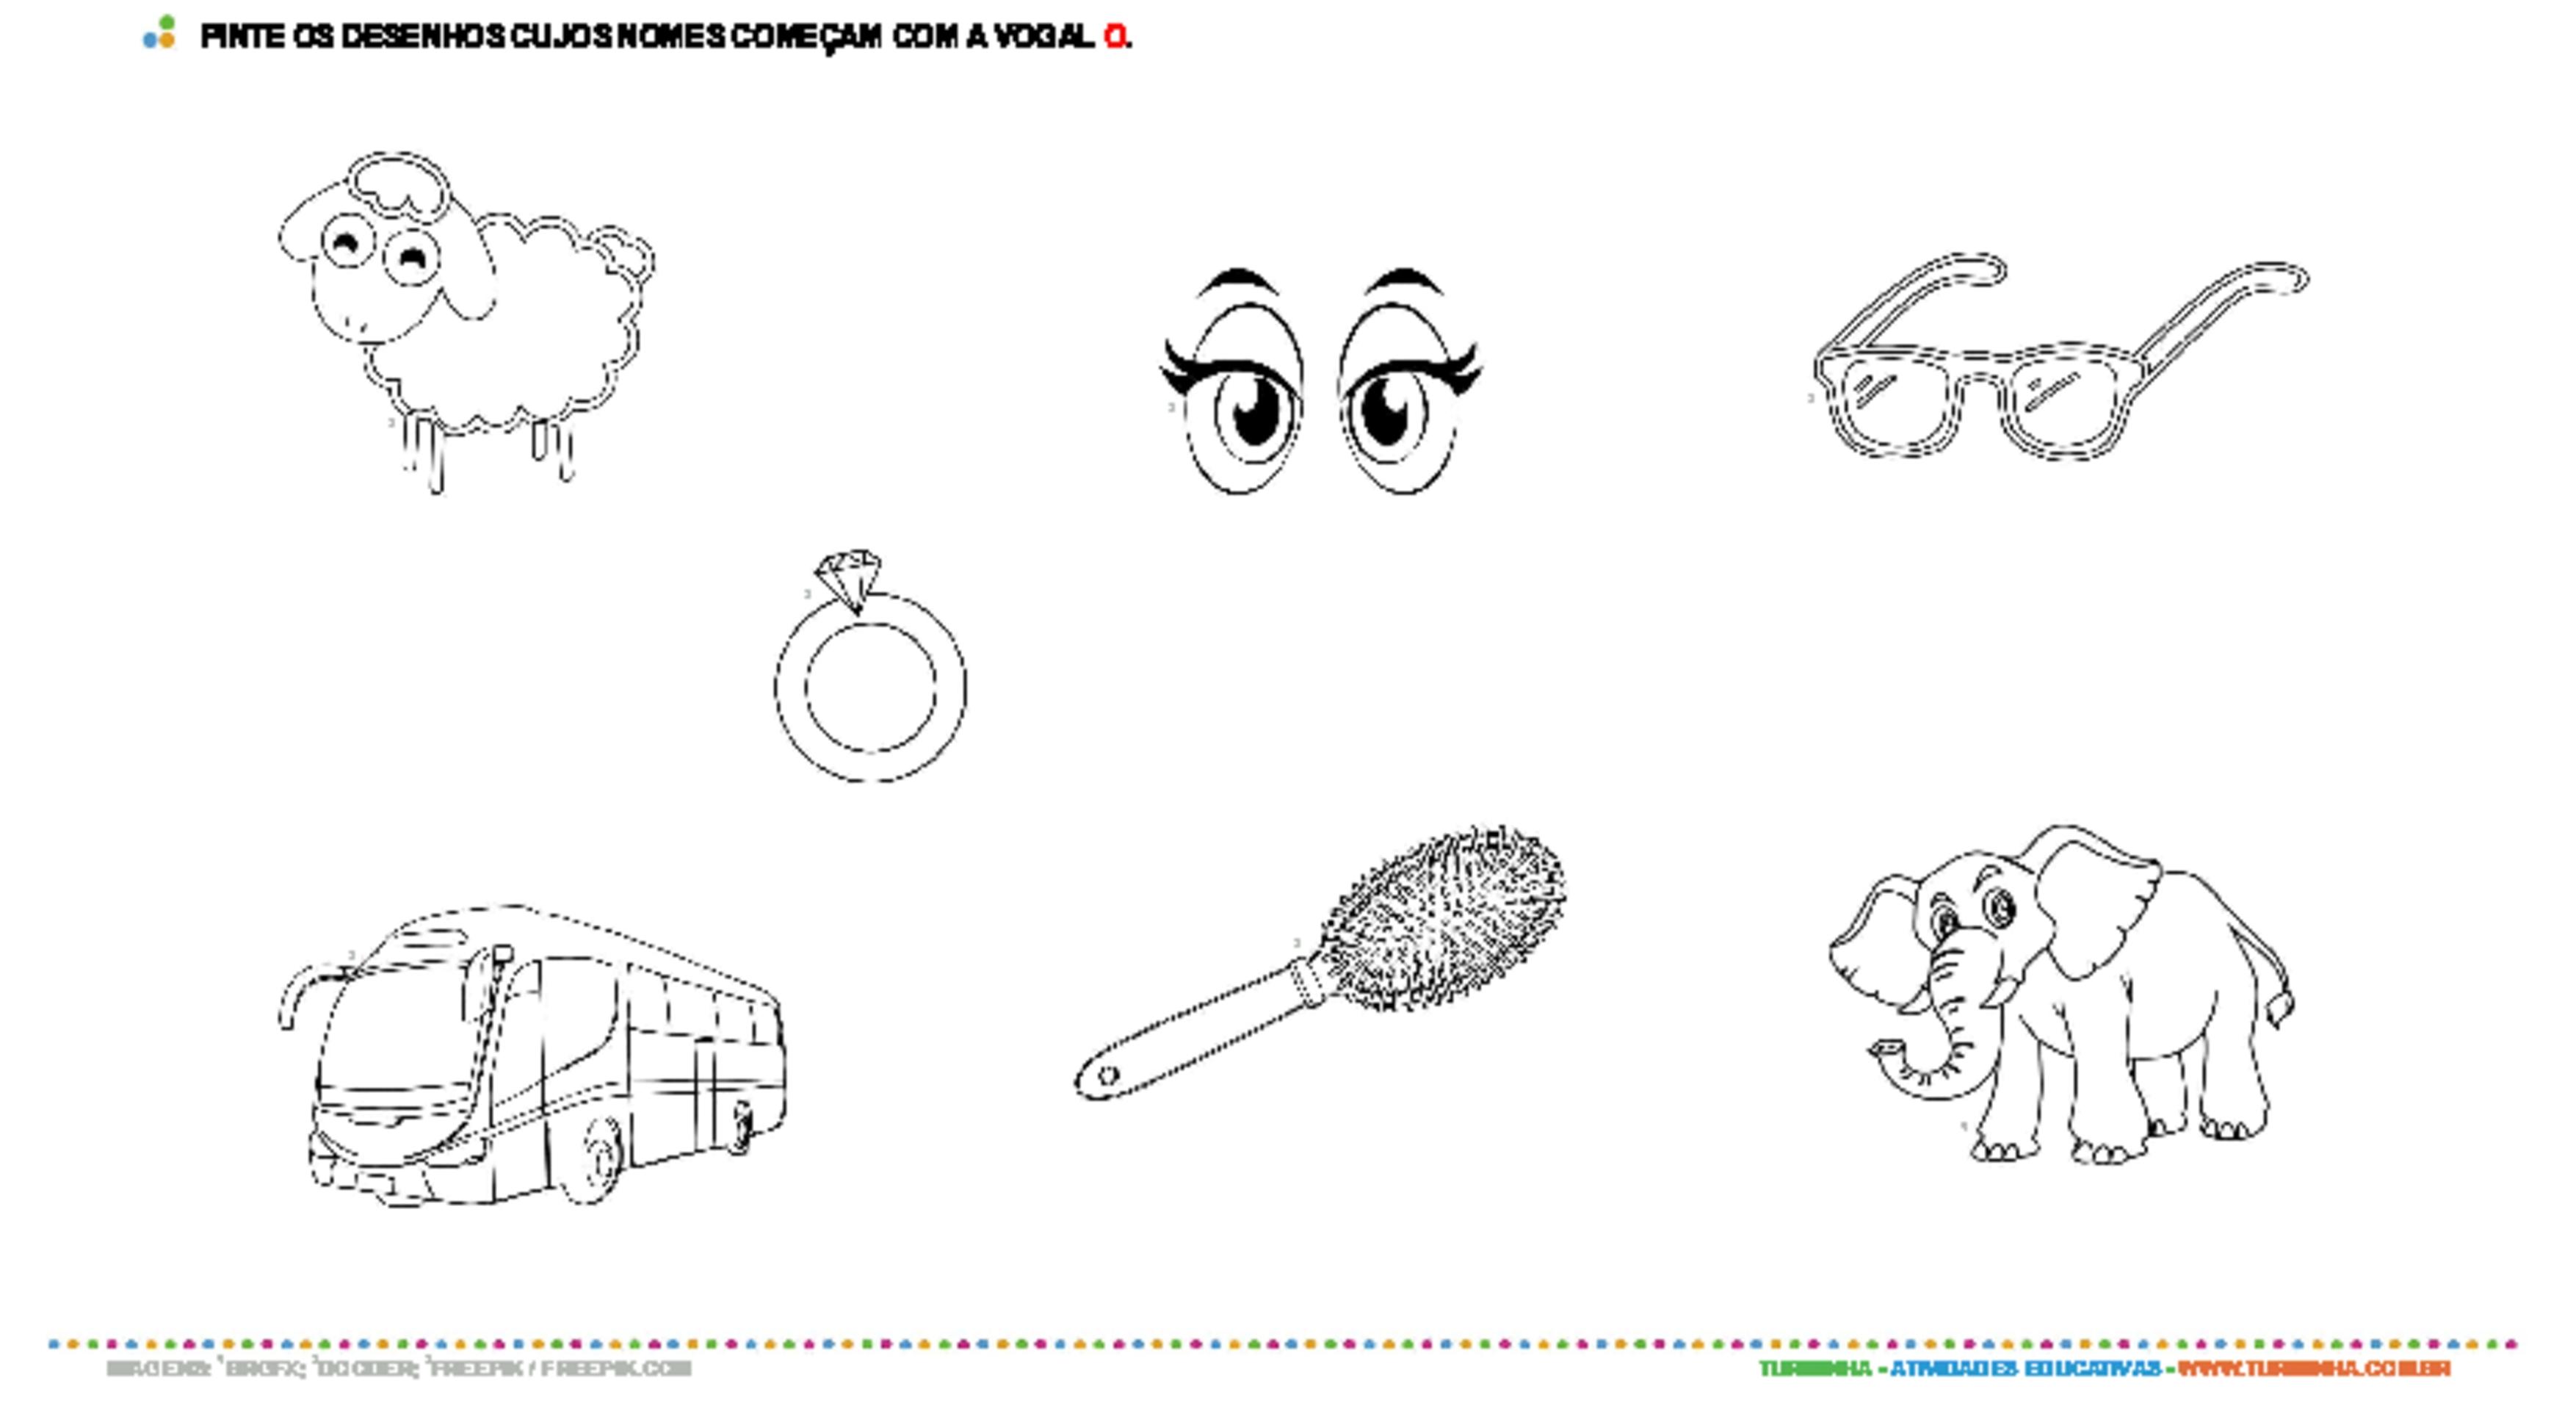 Colorindo desenhos com a vogal O - atividade educativa para Pré-Escola (4 e 5 anos)